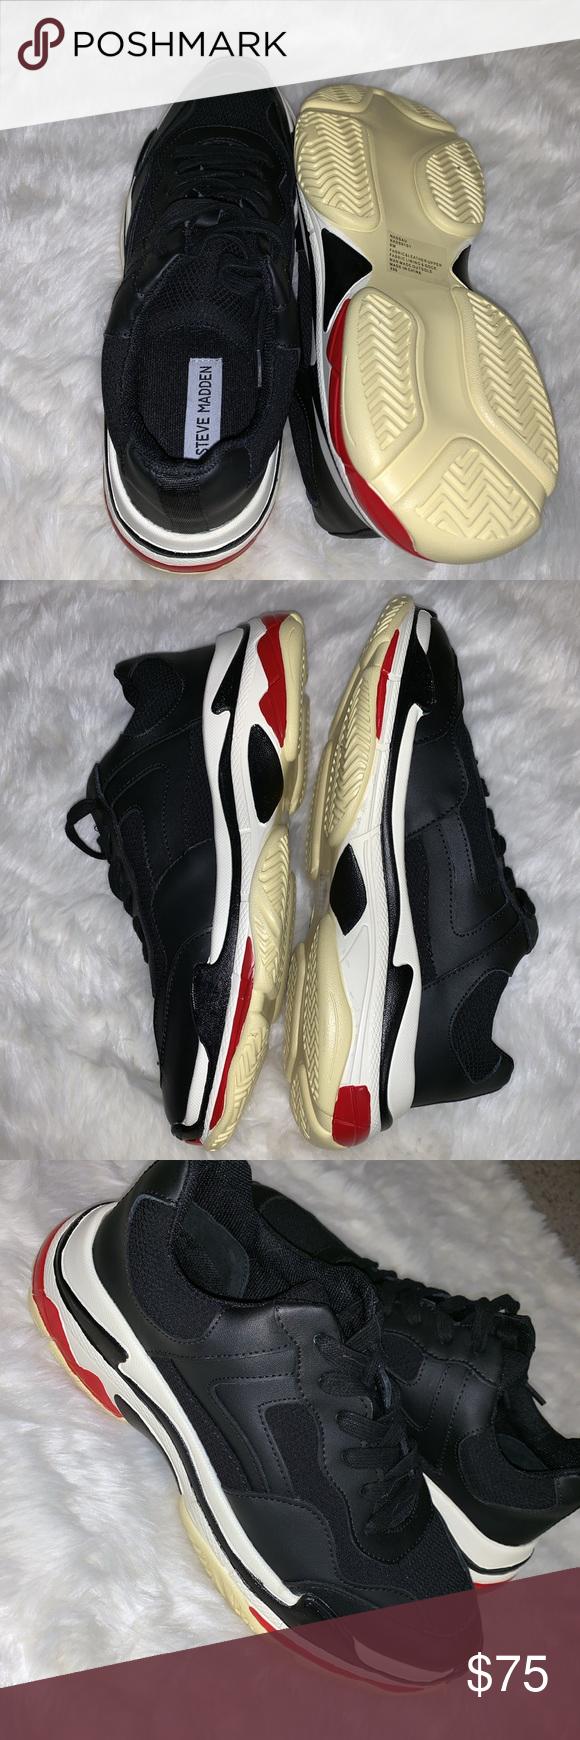 Steve Madden Nassau sneakers BRAND NEW